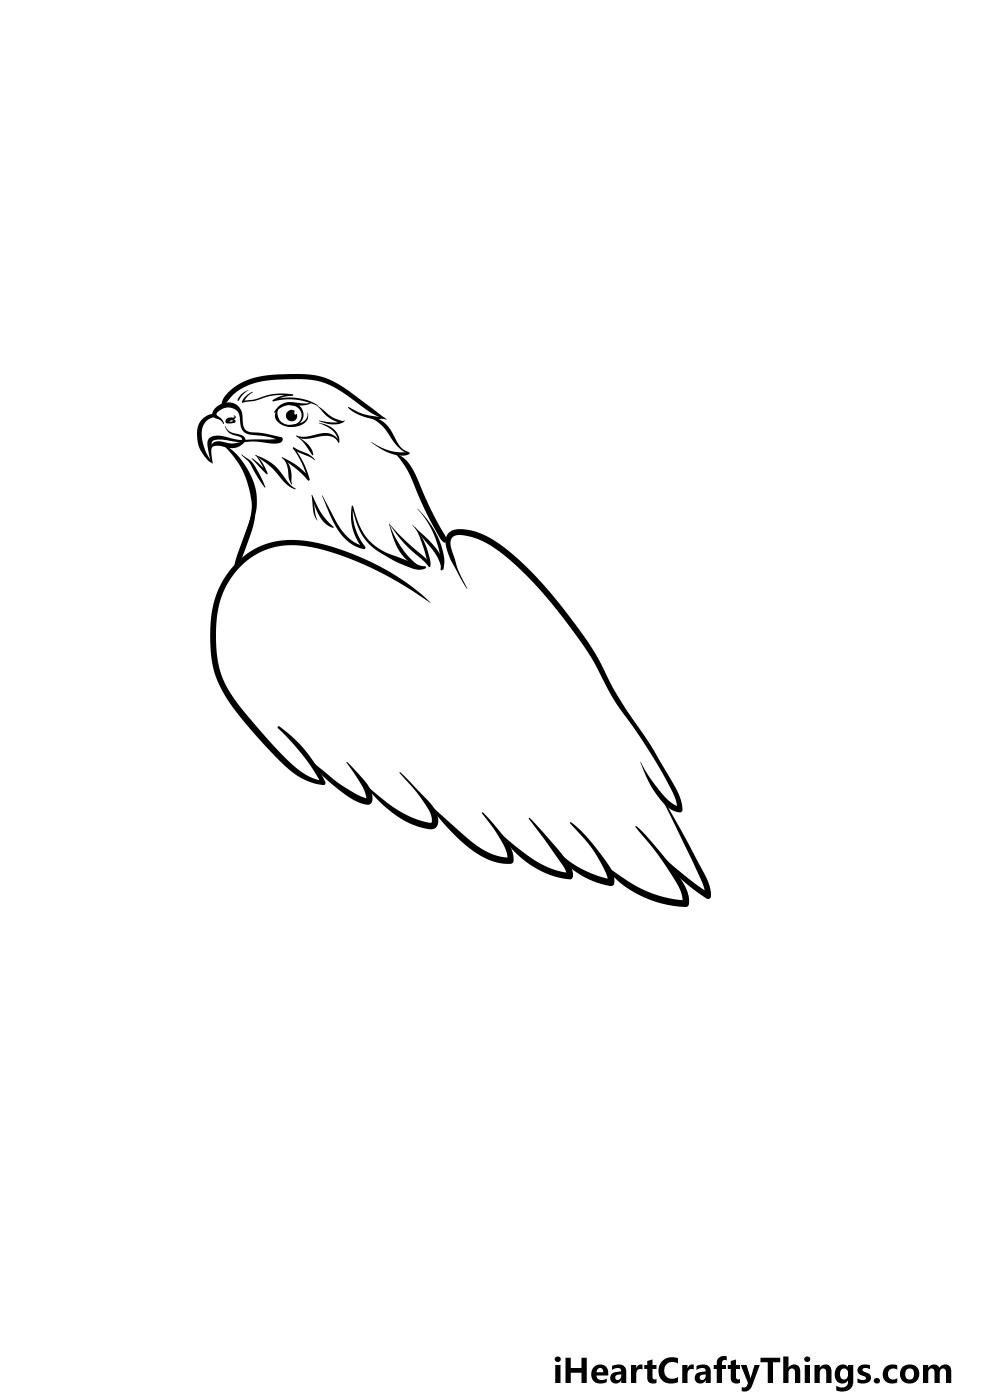 dibujando un halcón paso 2